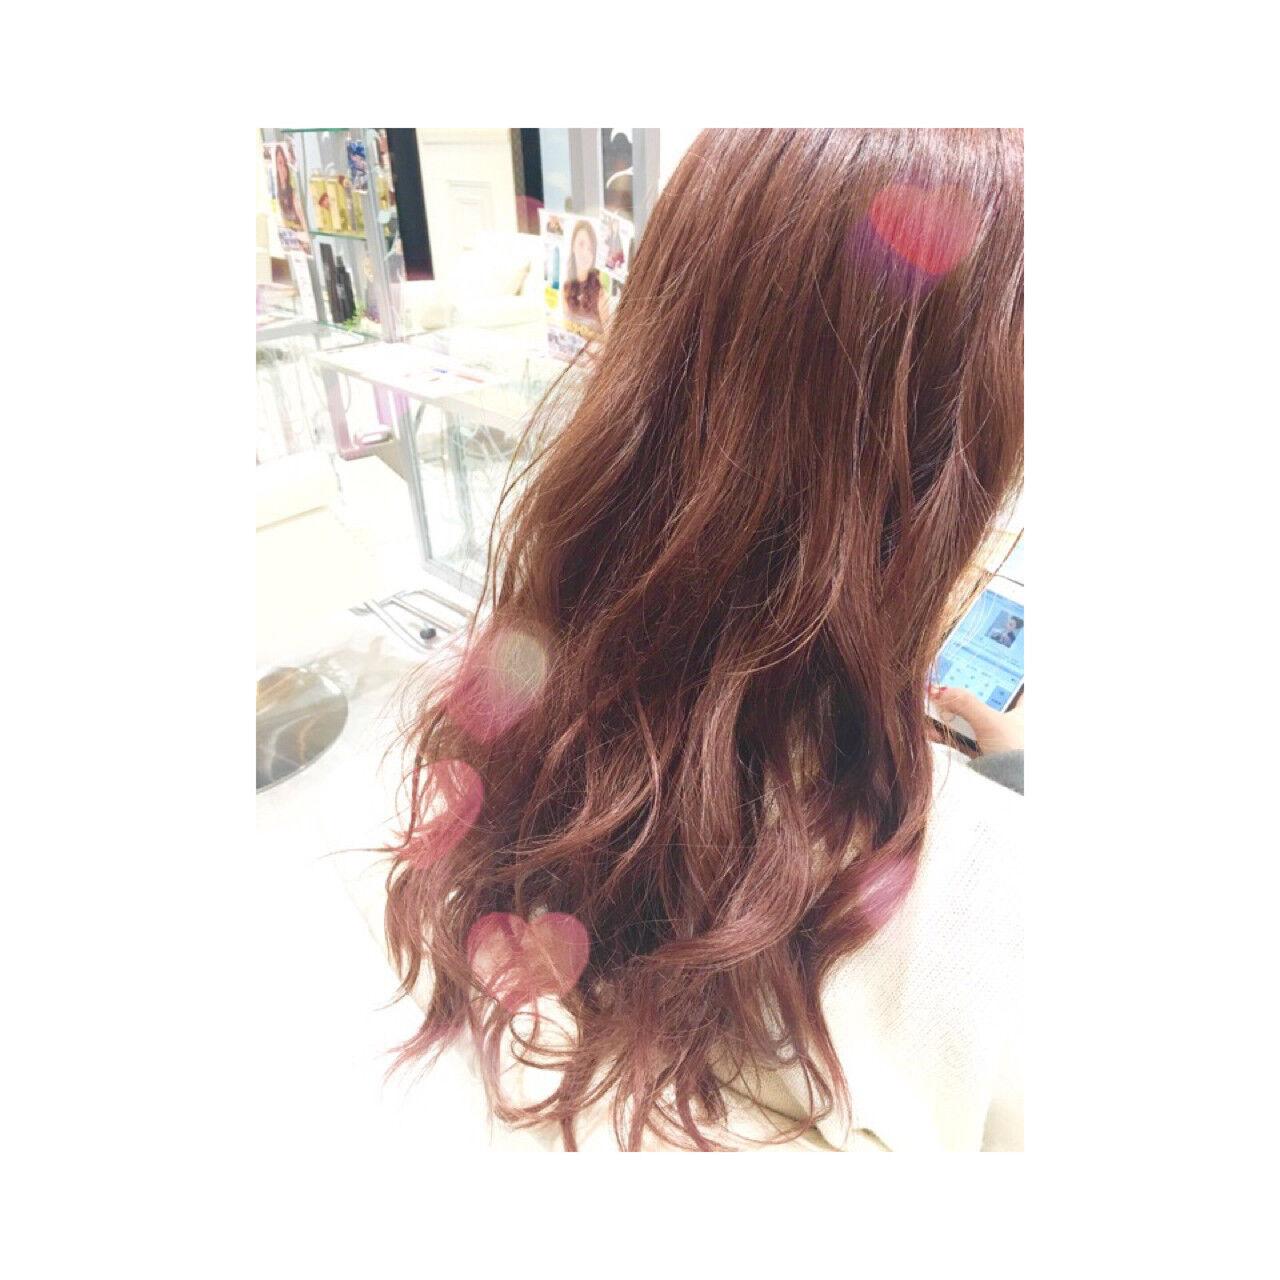 ガーリー ピンク ゆるふわ イルミナカラーヘアスタイルや髪型の写真・画像